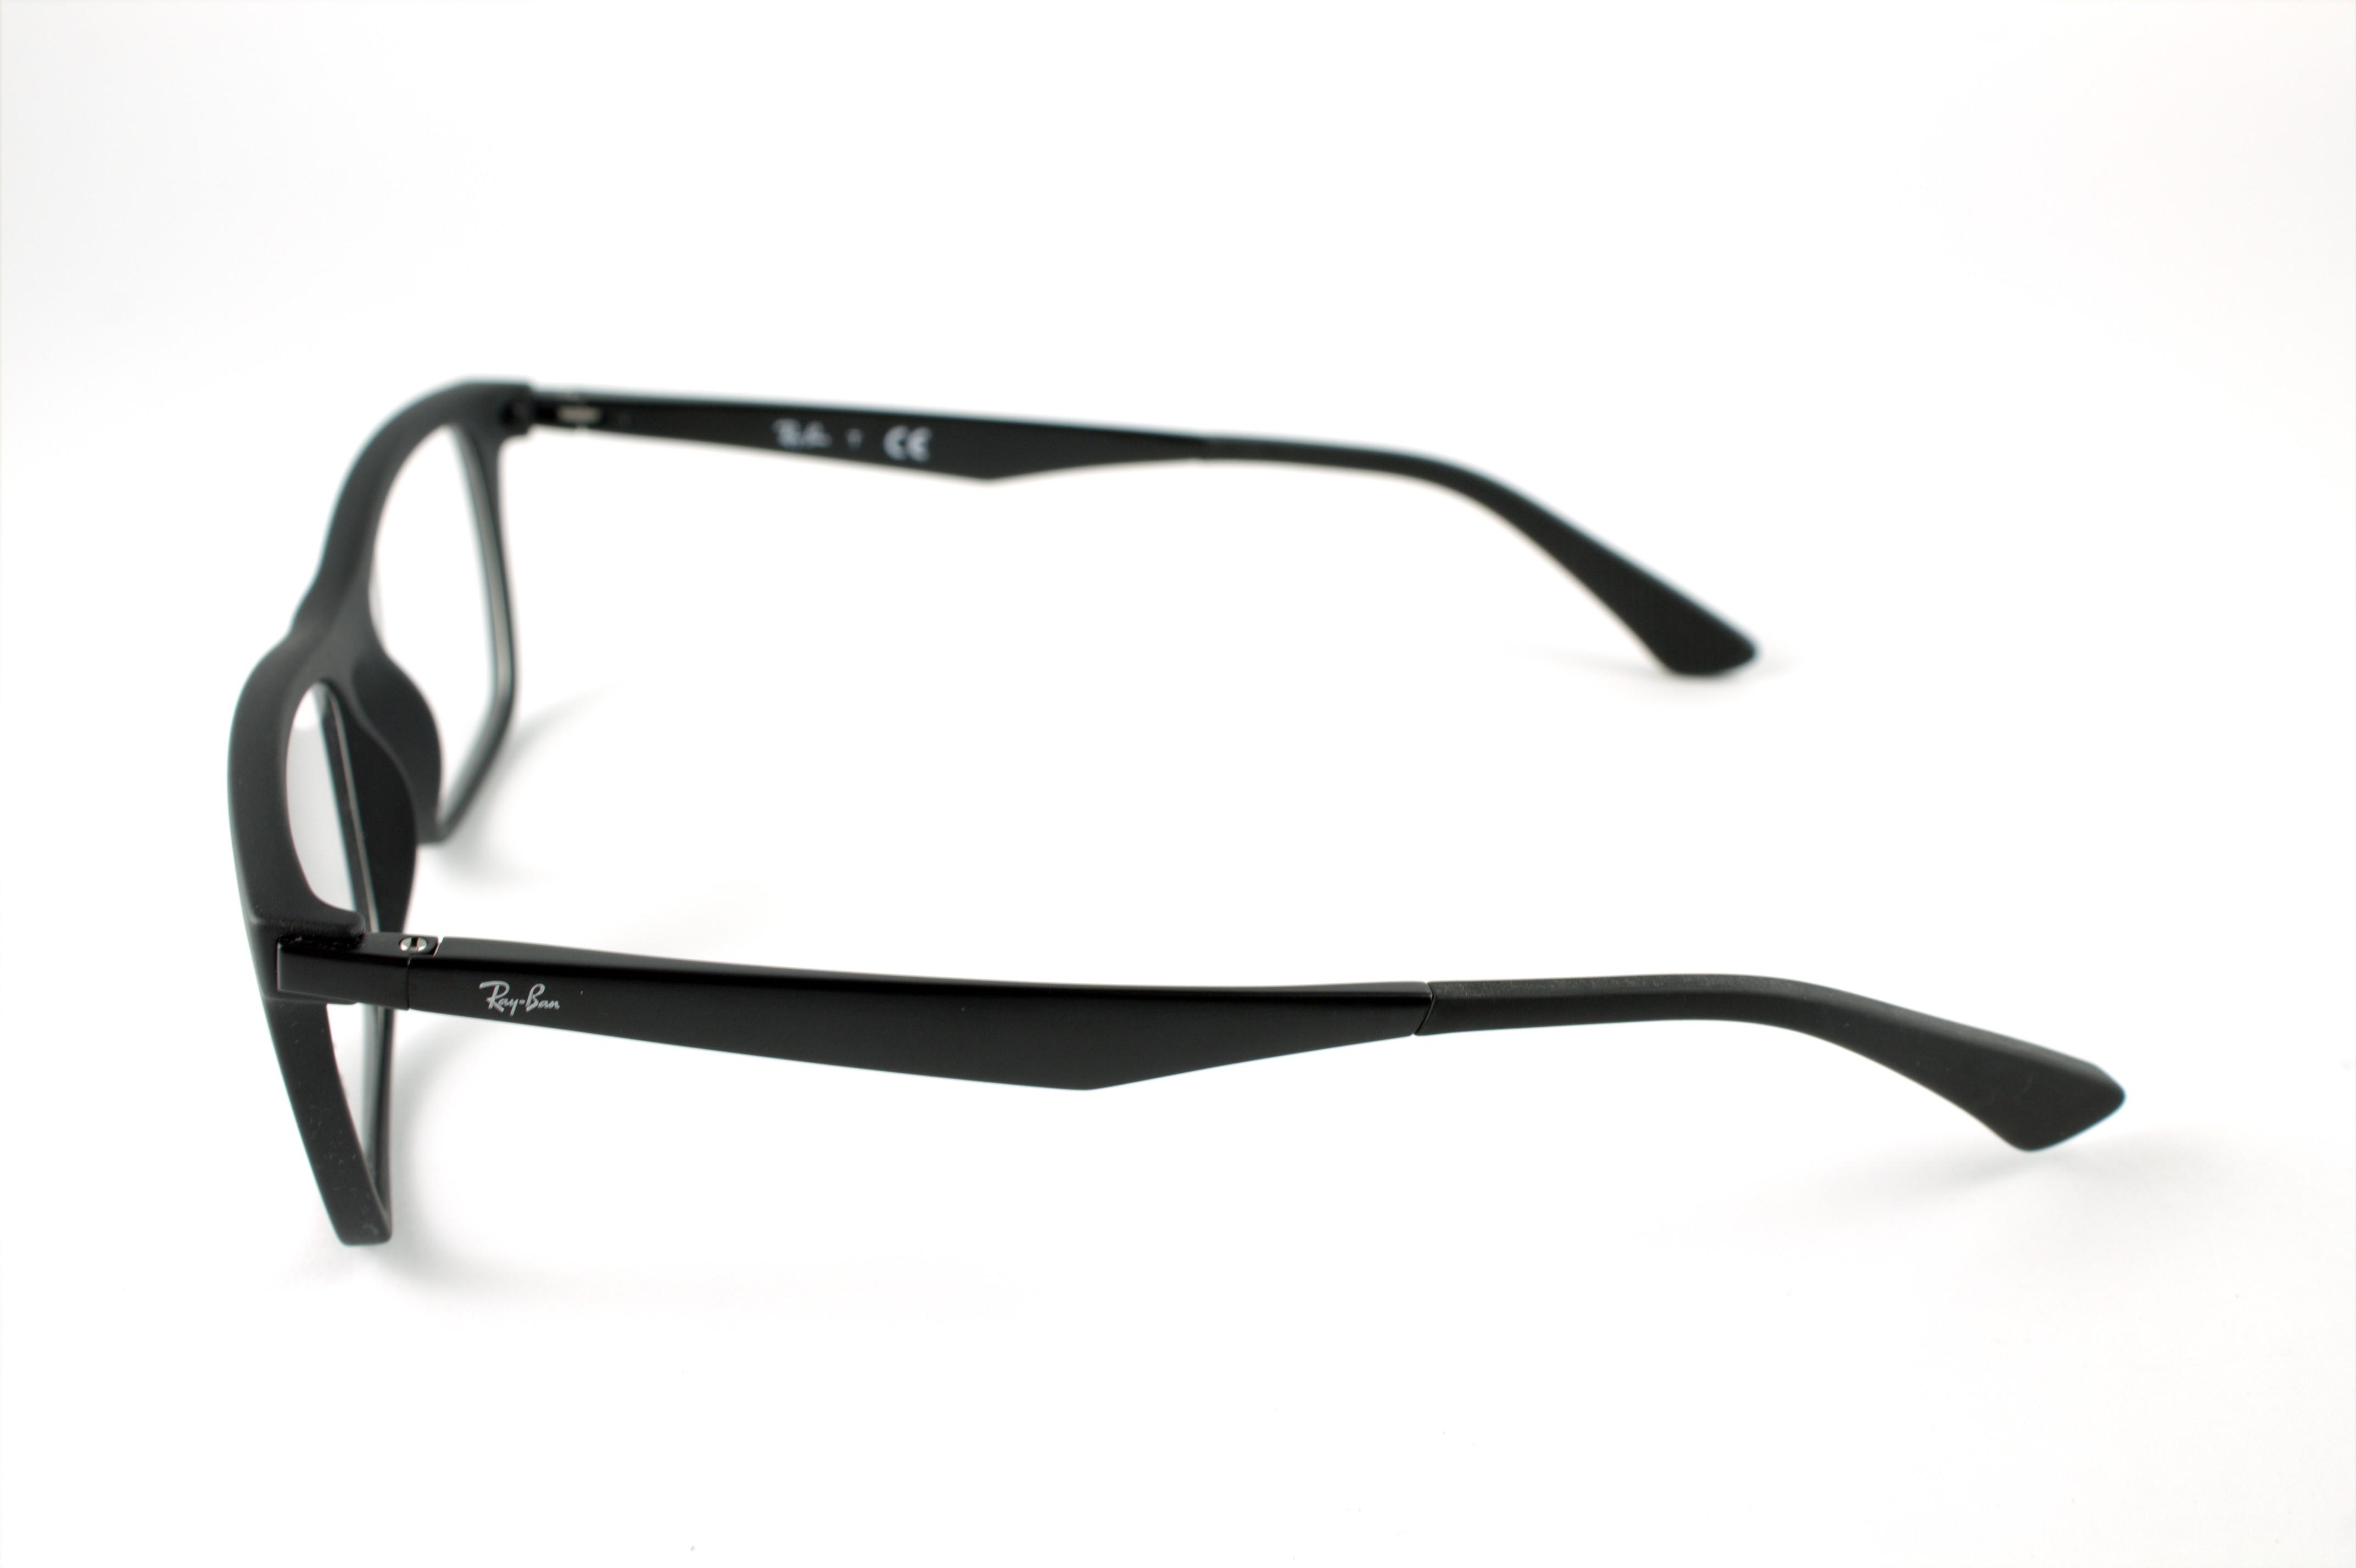 23c9913f65 Ray-Ban - RB 7062 2077 55 18 145 szemüvegkeretek